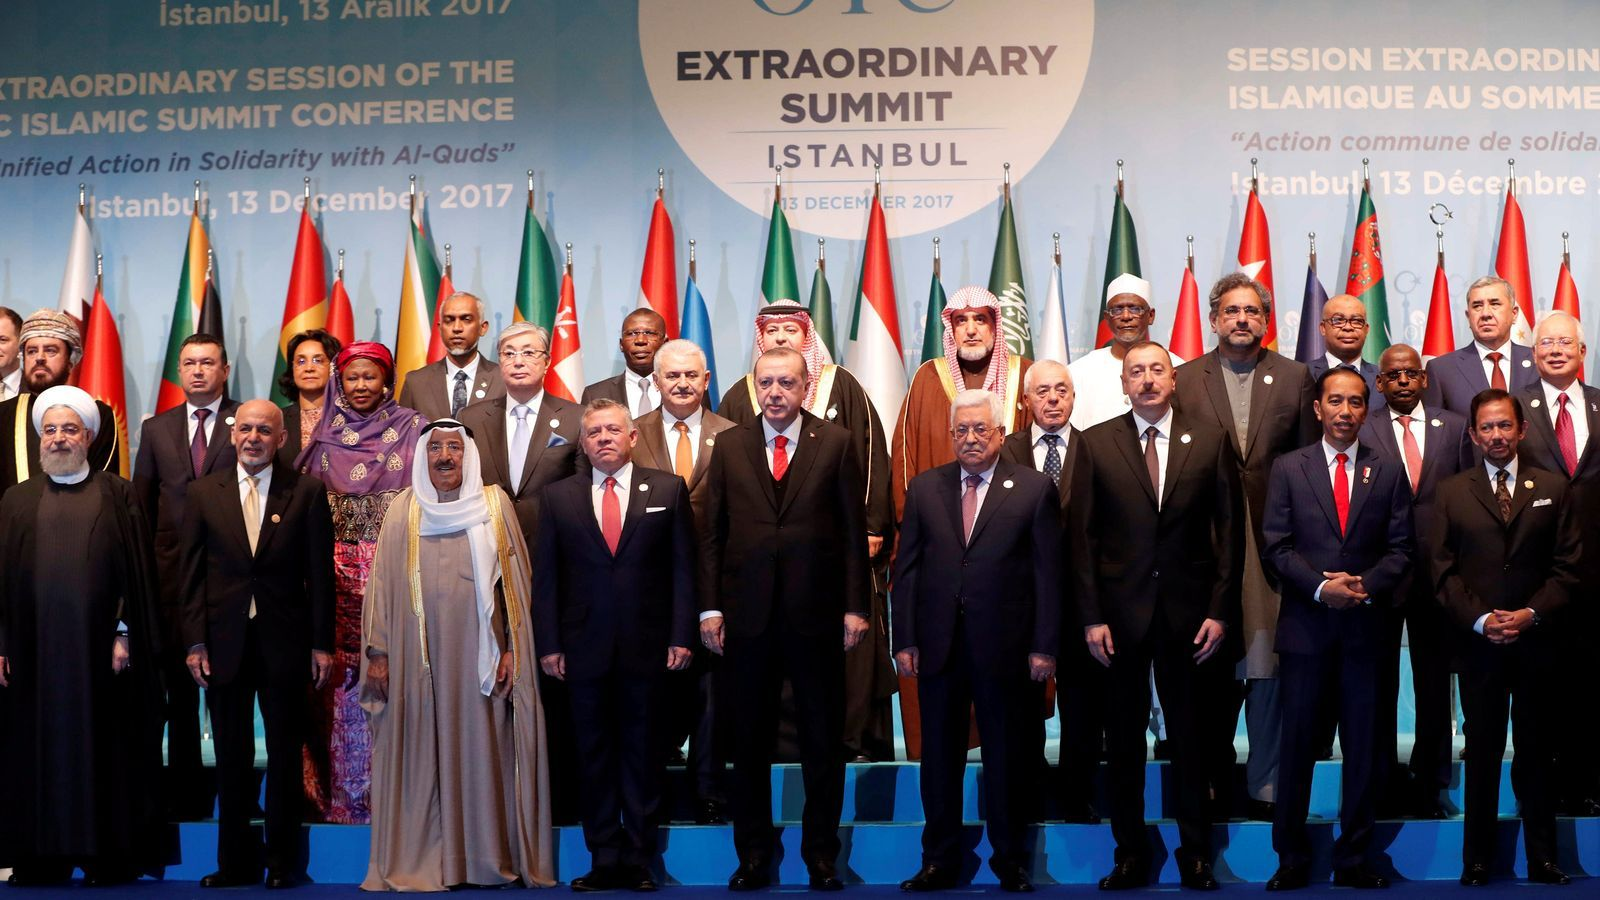 Els capdavanters dels països presents en la cimera convocada per Turquia després del anunci dels EUA sobre Jerusalem